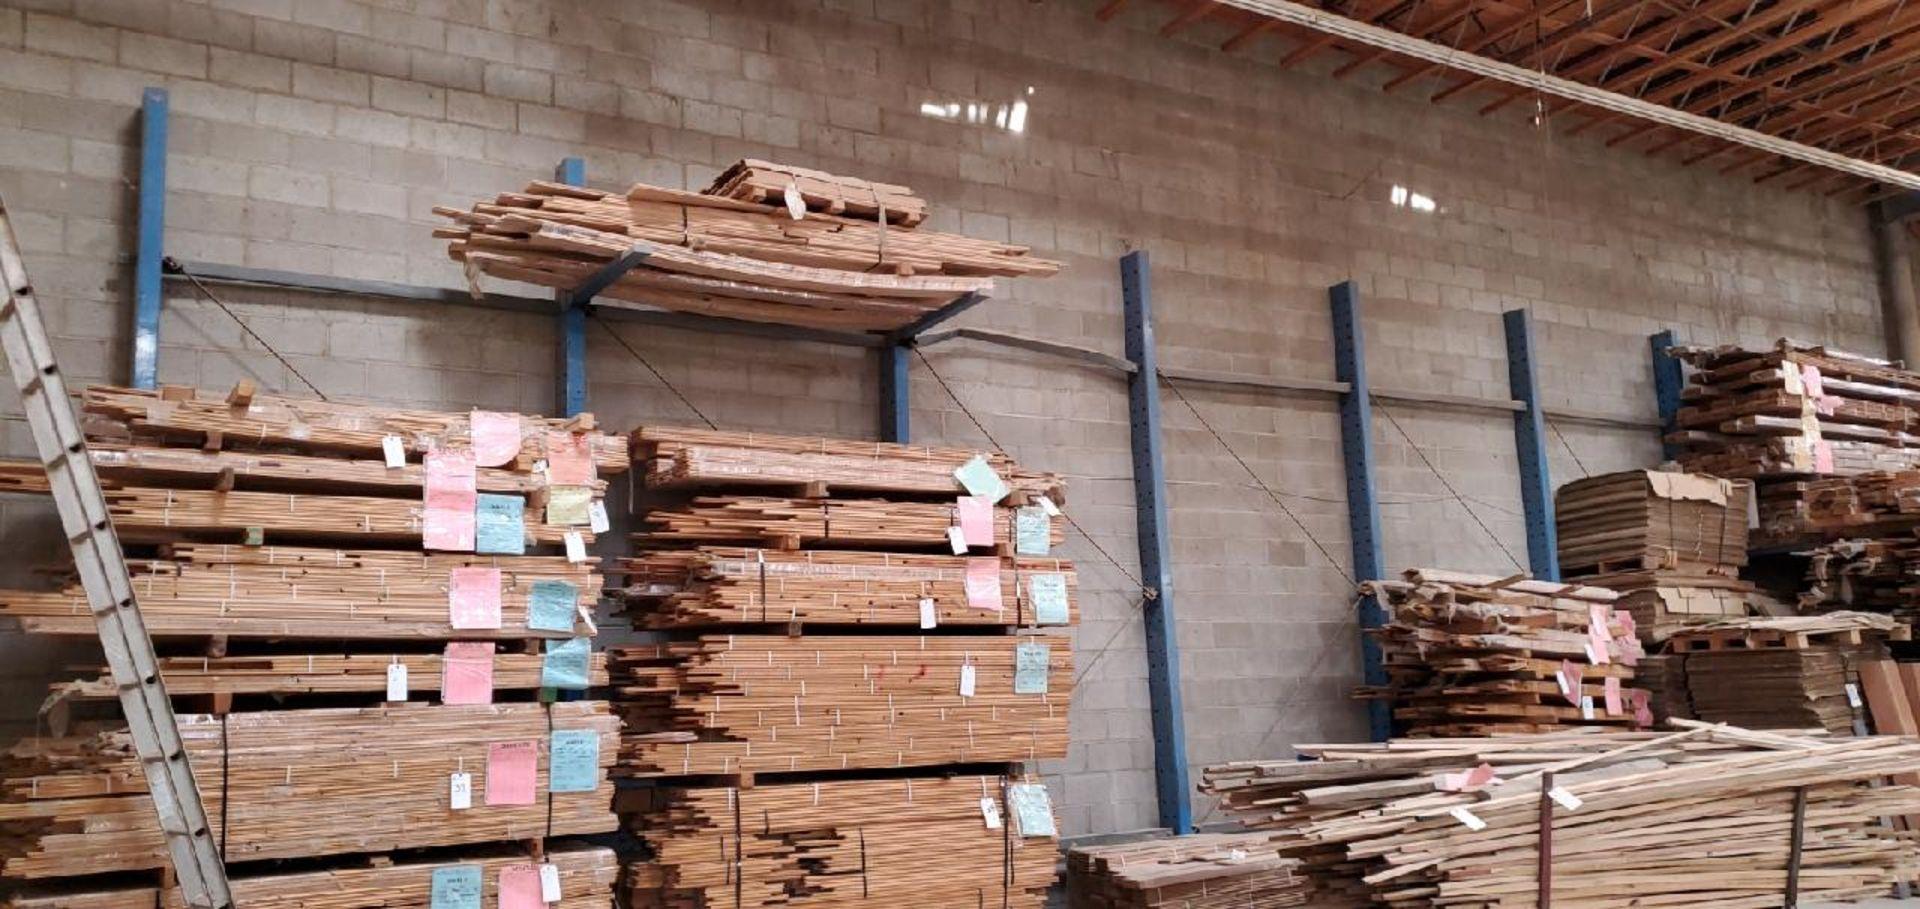 Lot 34a - Cantilever Rack, 12'H x 30'L (No Contents)